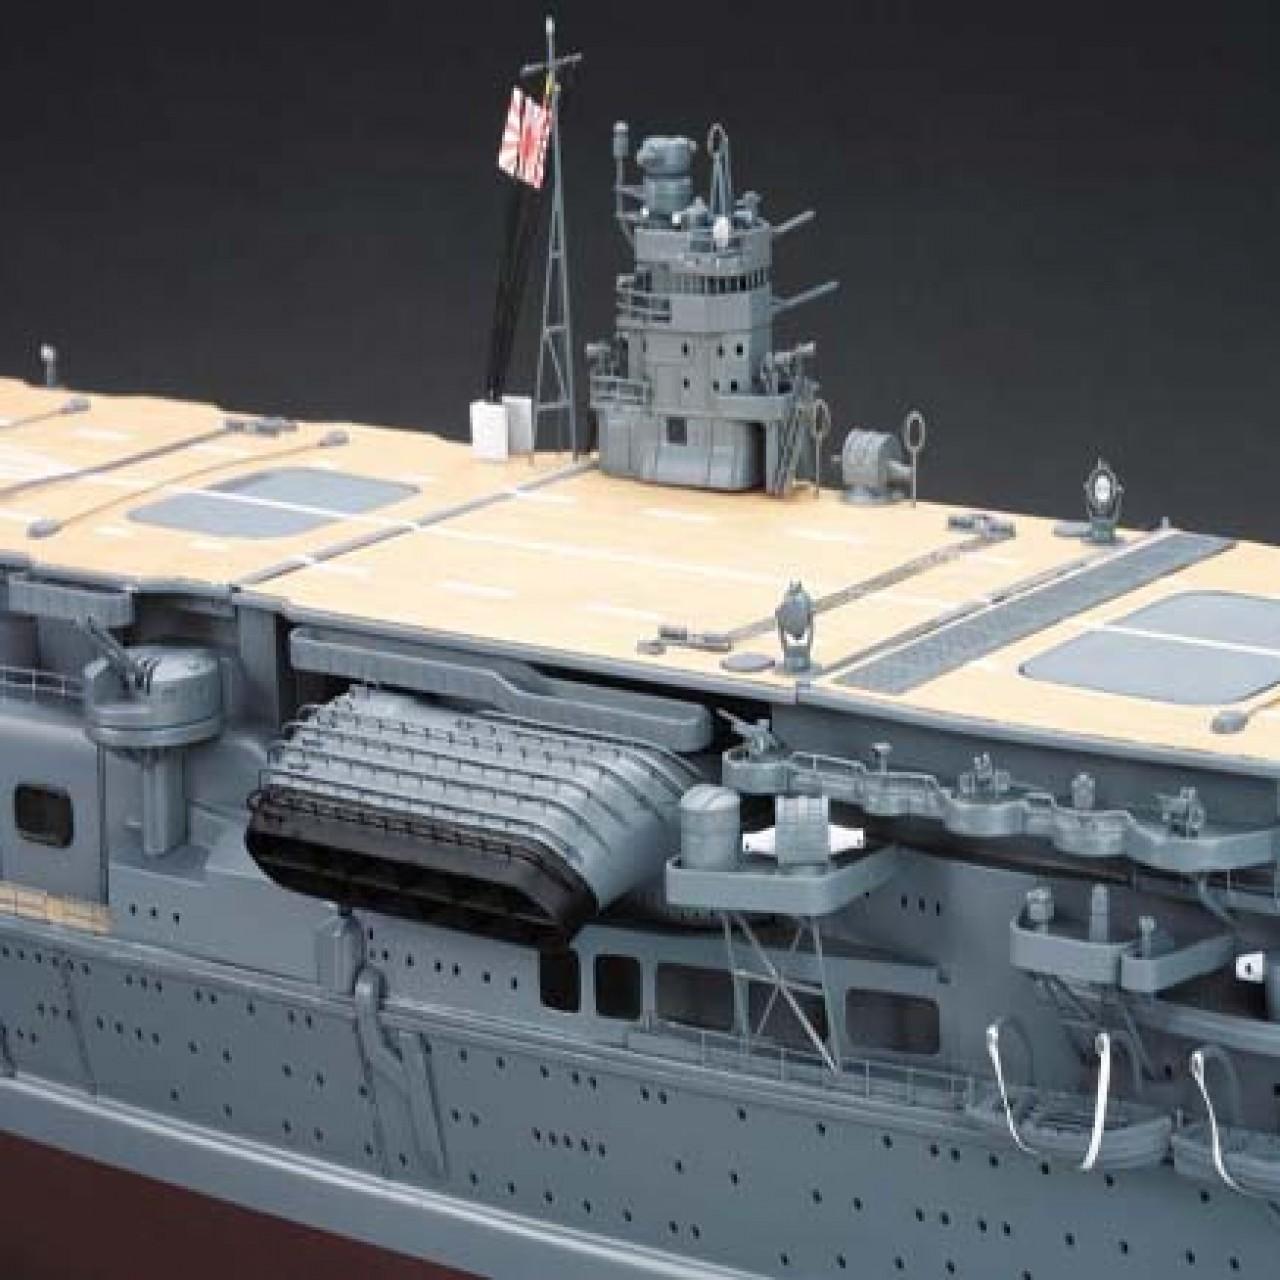 IJN Akagi Model Warship 1:250 Scale   De Agostini   ModelSpace